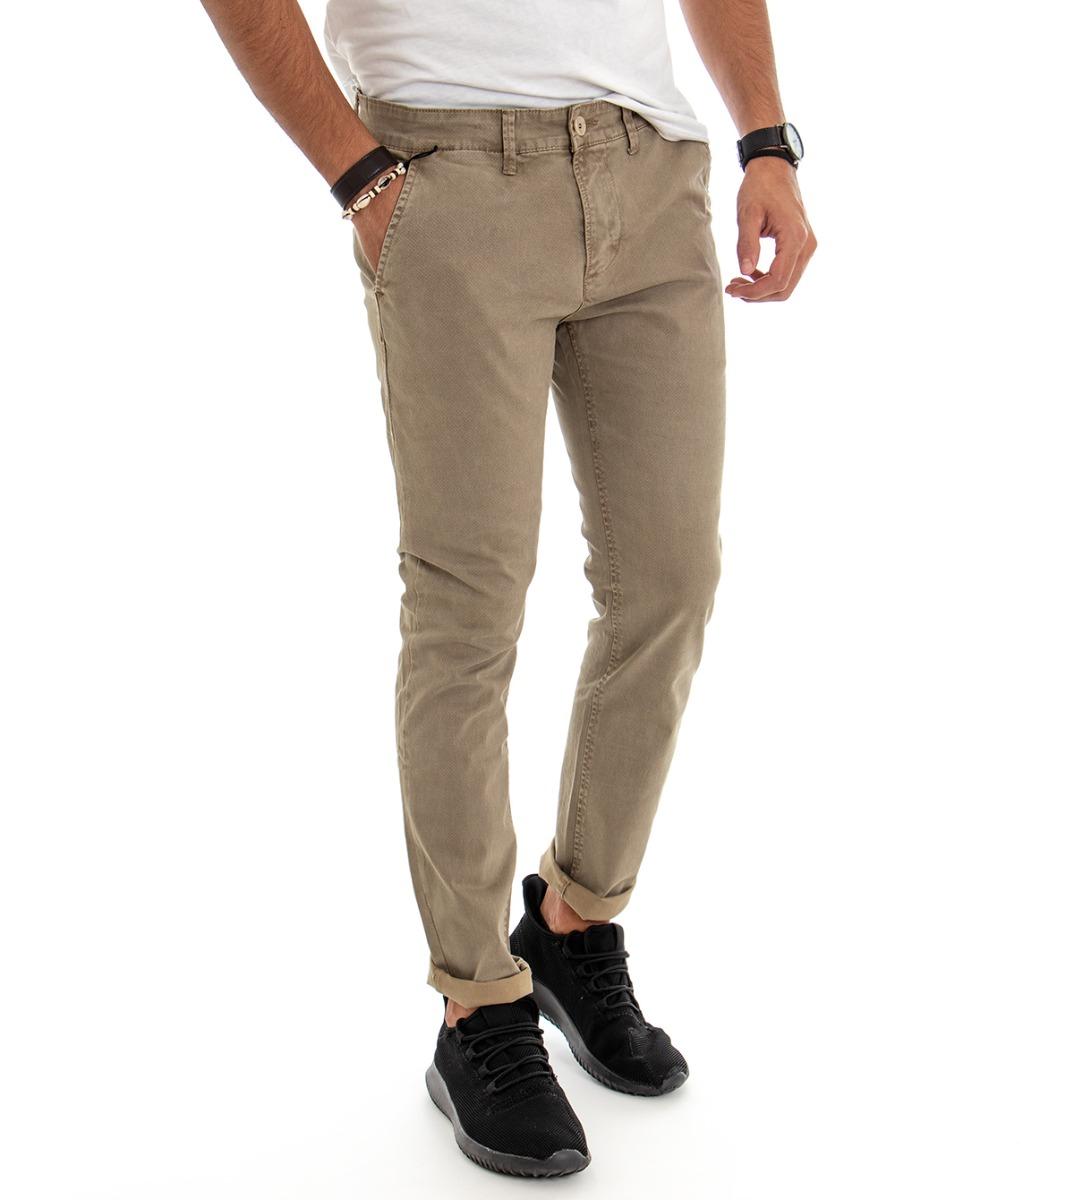 Pantalone Tasca America Micro-Fantasia Verde Slim Uomo Pantaloni in Cotone Ca...